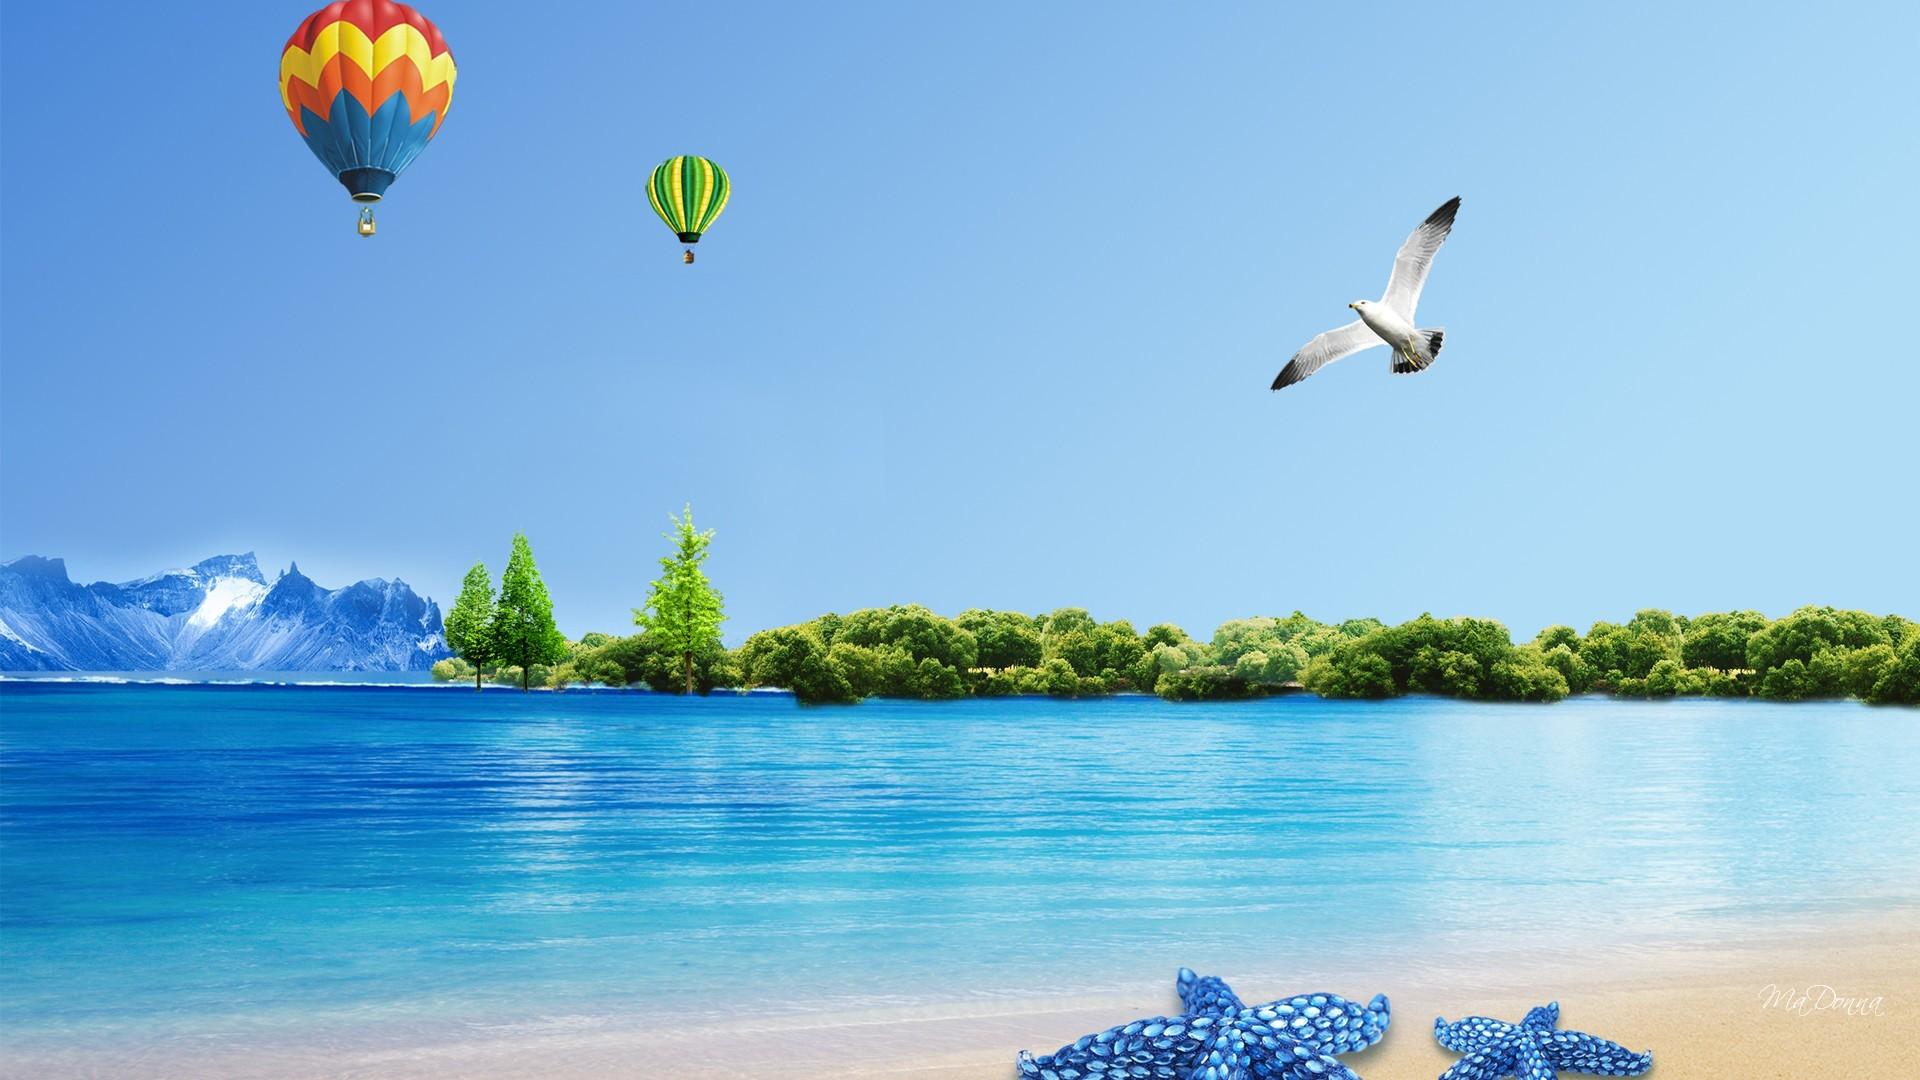 screensavers-nature-wallpaper- .